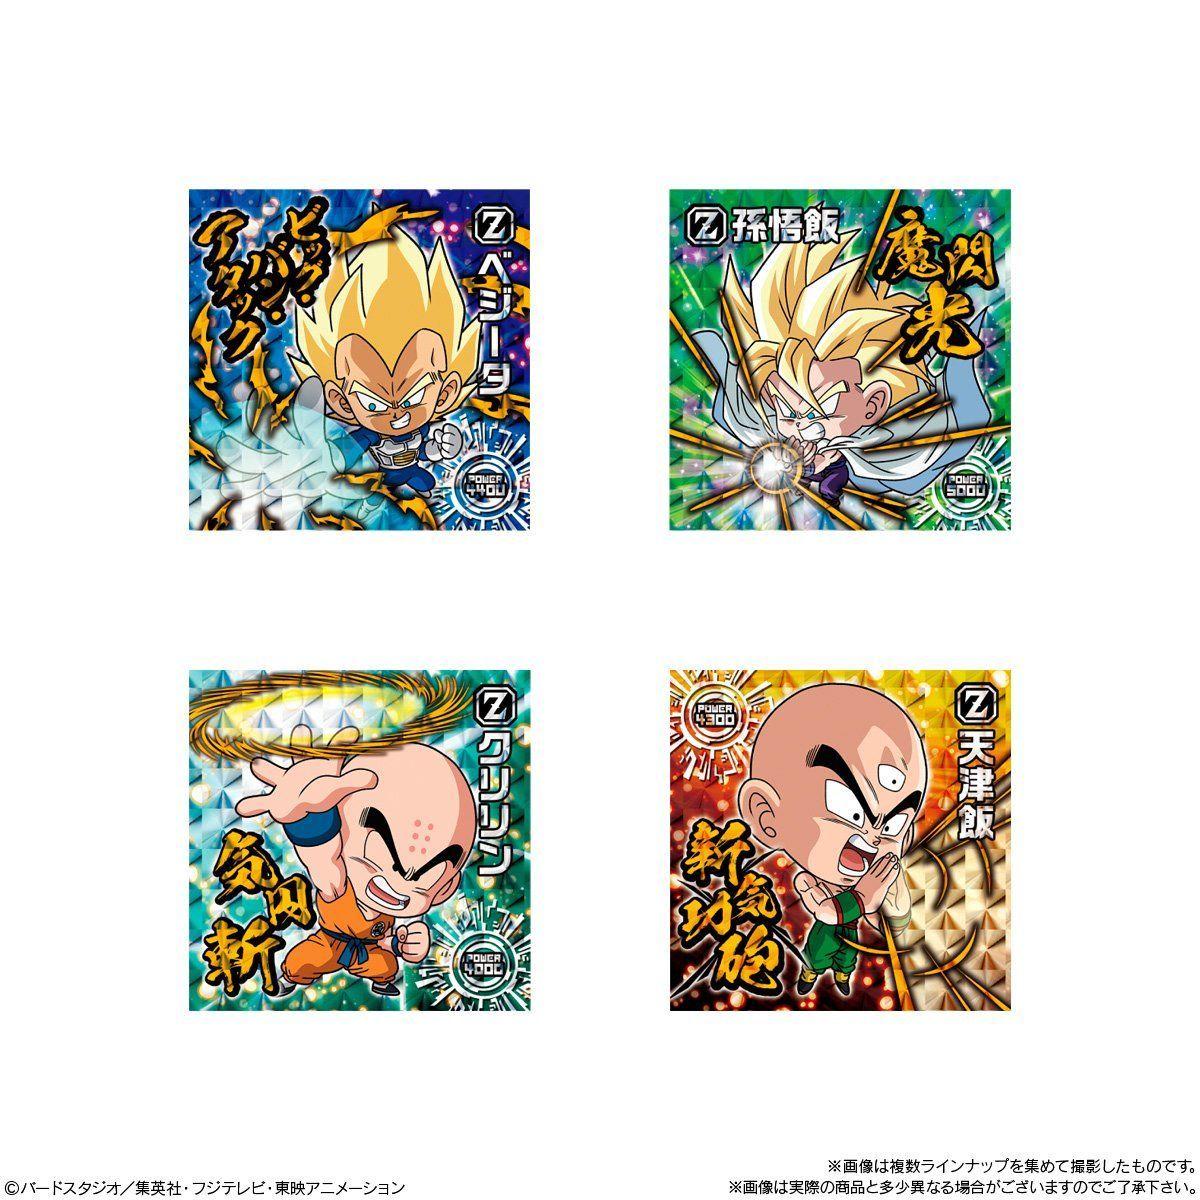 【食玩】ドラゴンボール『超戦士シールウエハース超』20個入りBOX-006